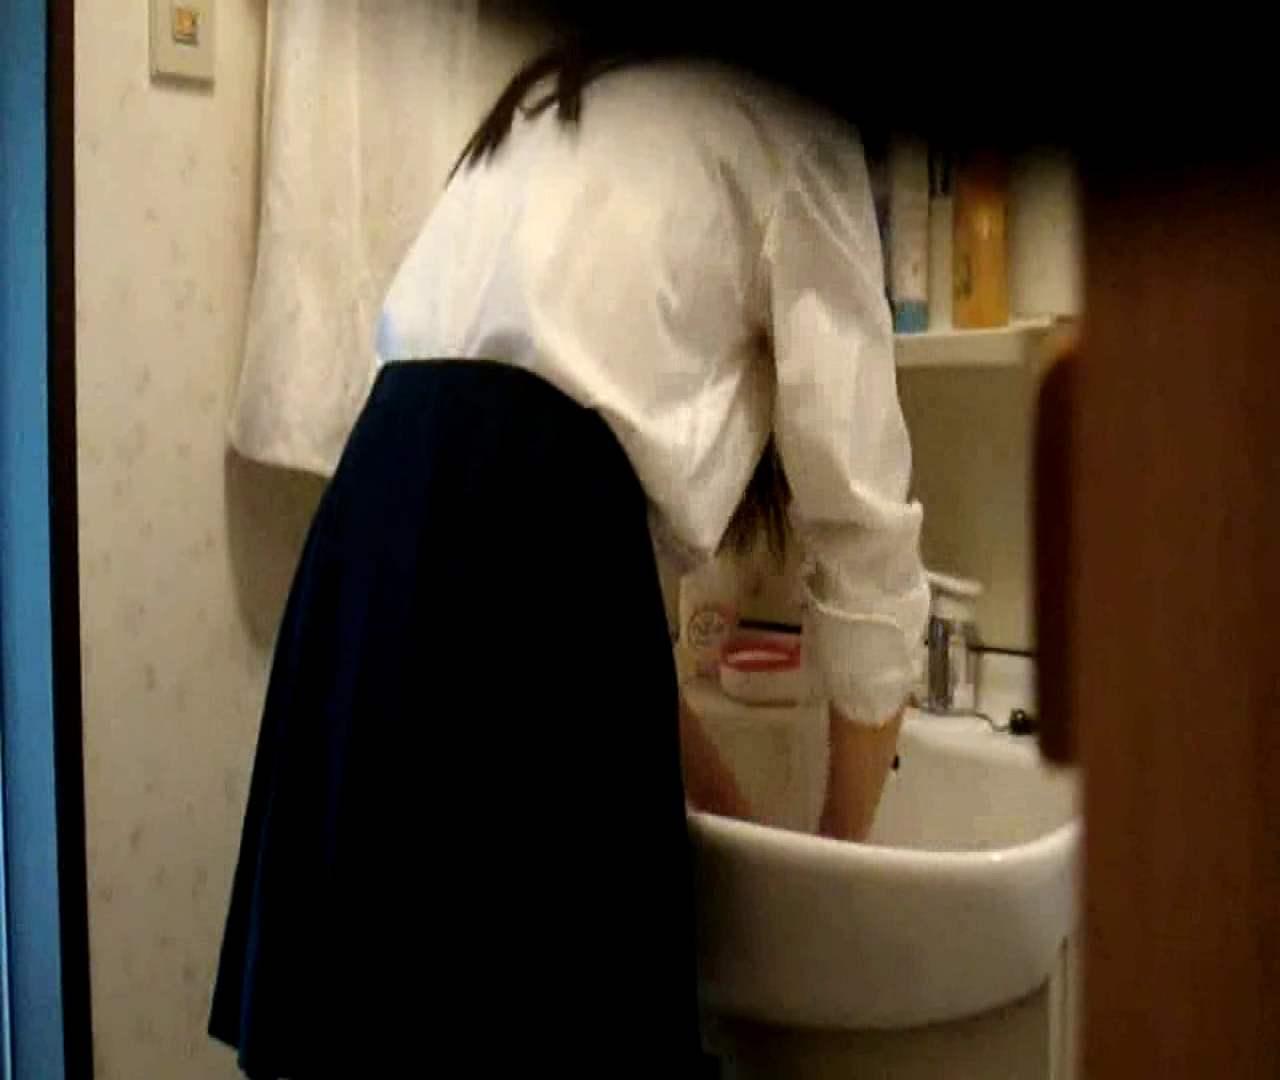 二人とも育てた甲斐がありました… vol.05 まどかが洗顔後にブラを洗濯 盗撮シリーズ  79PIX 12